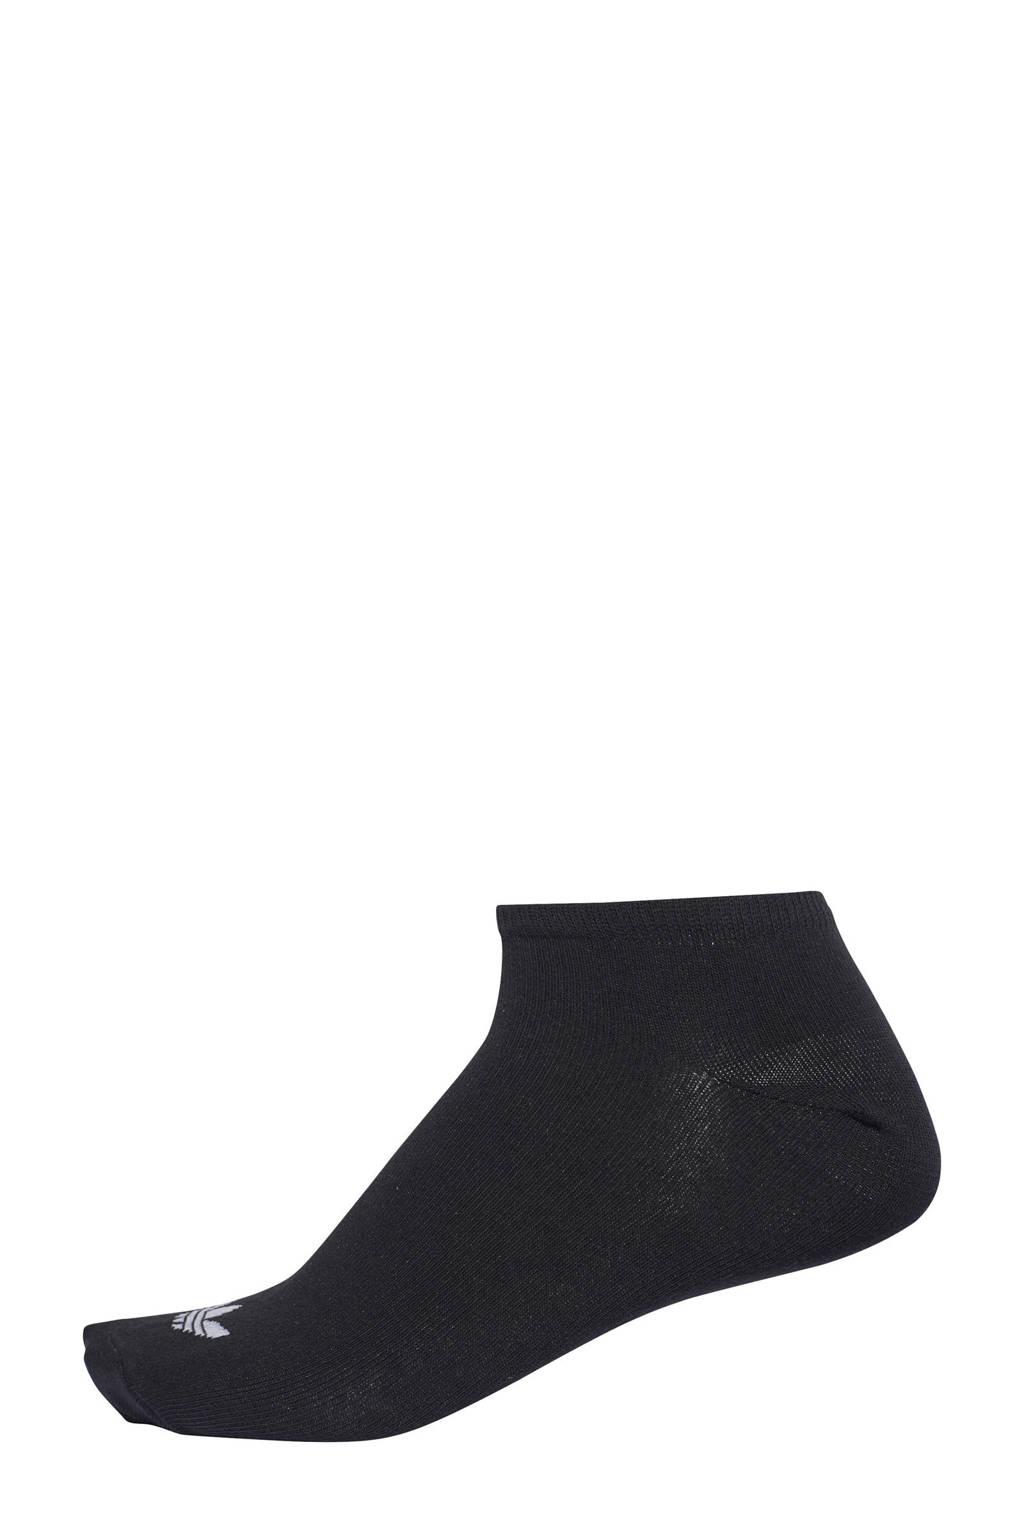 adidas originals   sneakersokken, zwart/ wit